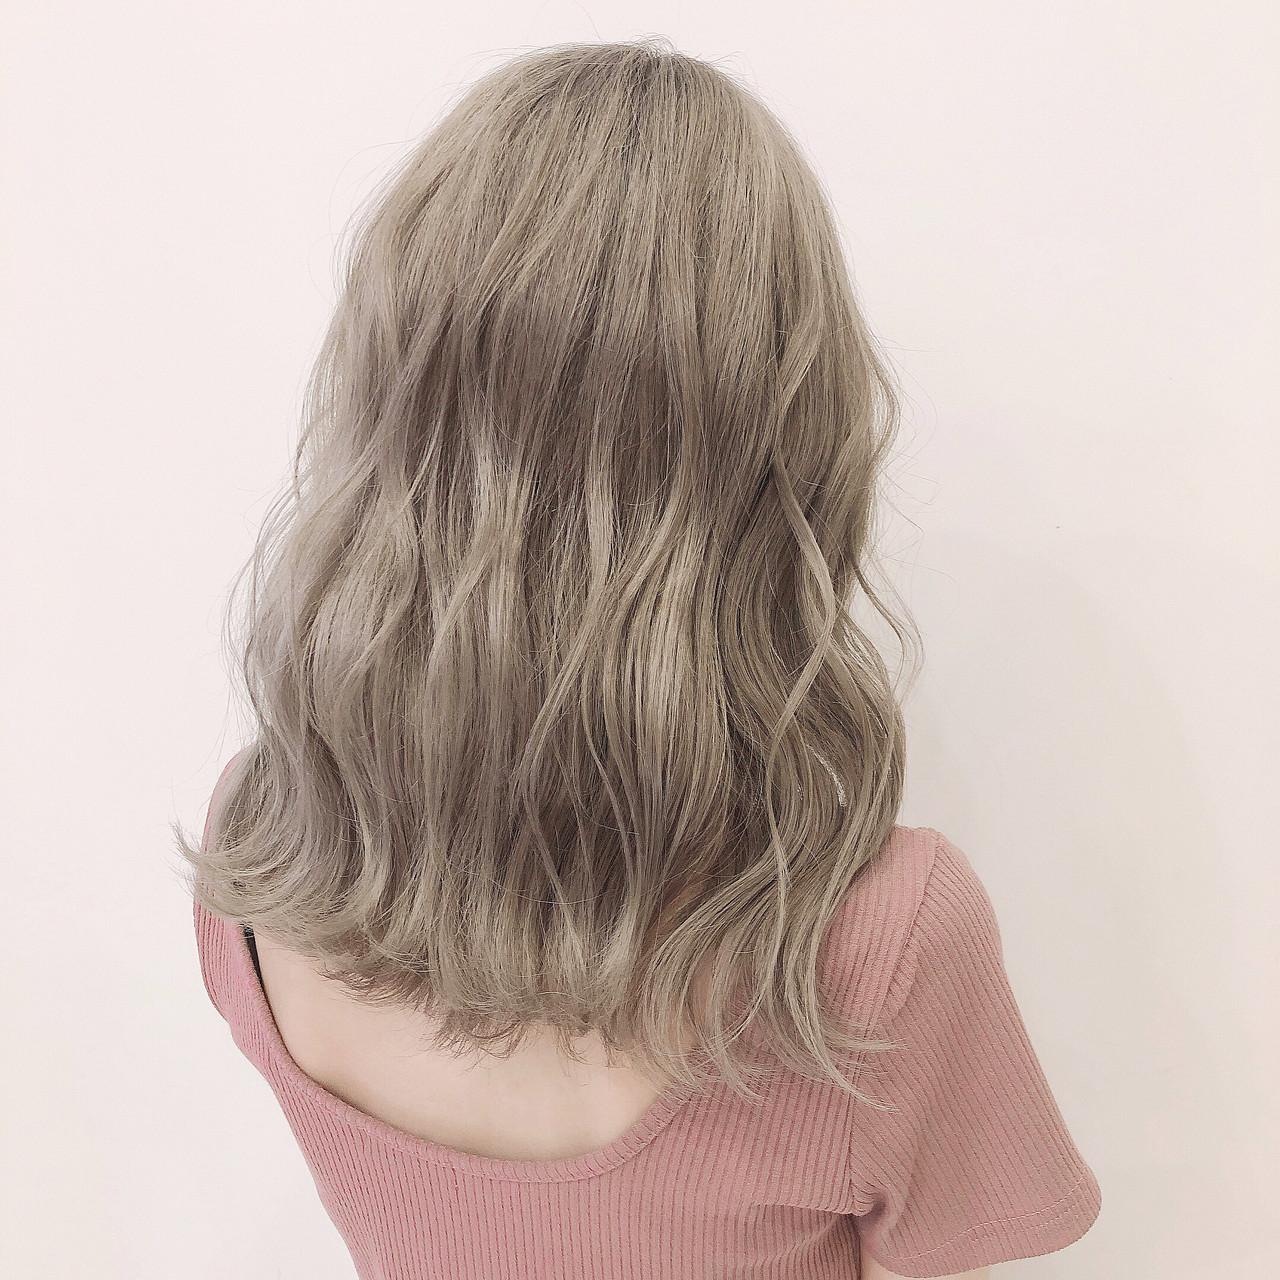 ミルクティーベージュ ハイトーンカラー セミロング ガーリー ヘアスタイルや髪型の写真・画像